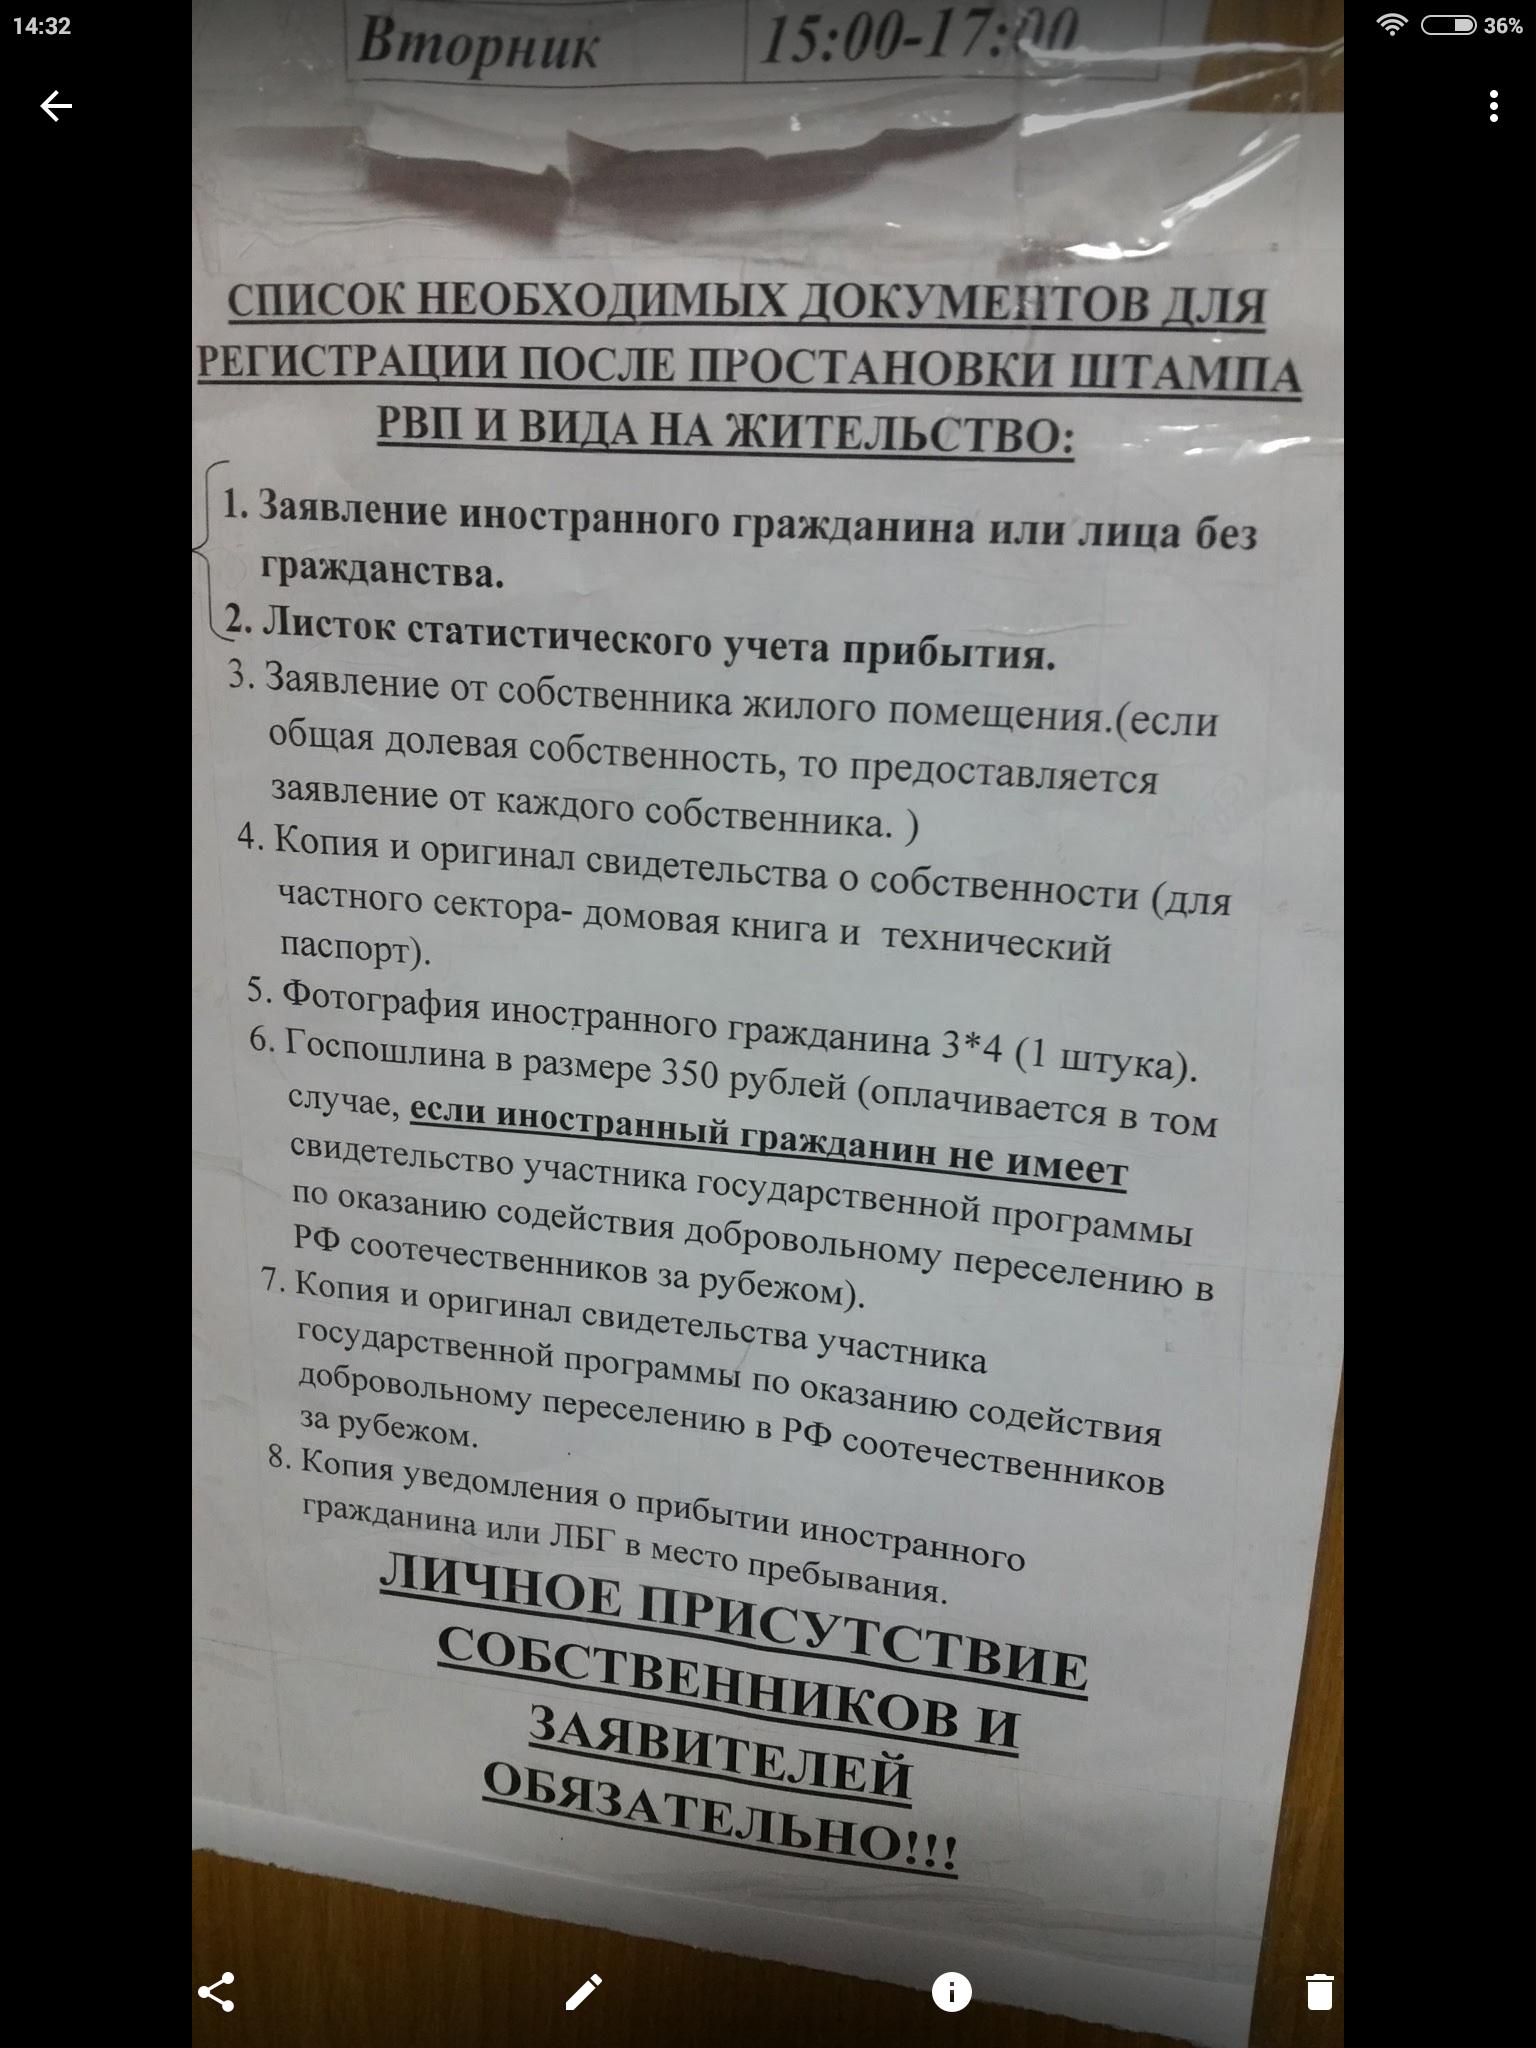 Получение вида на жительство в российской федерации в 2020